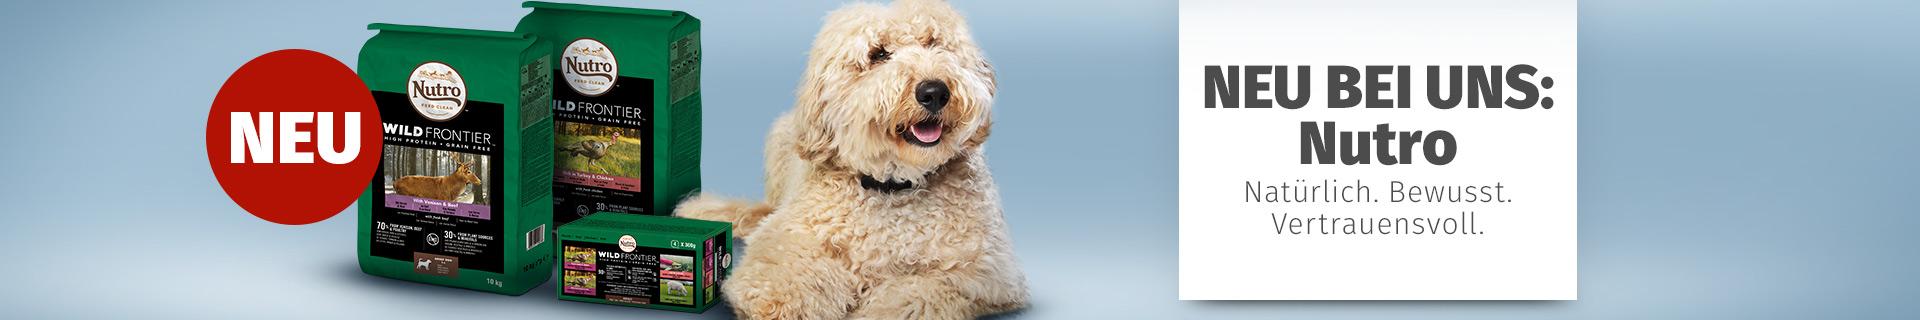 Nutro Hundefutter mit hohem Fleischanteil